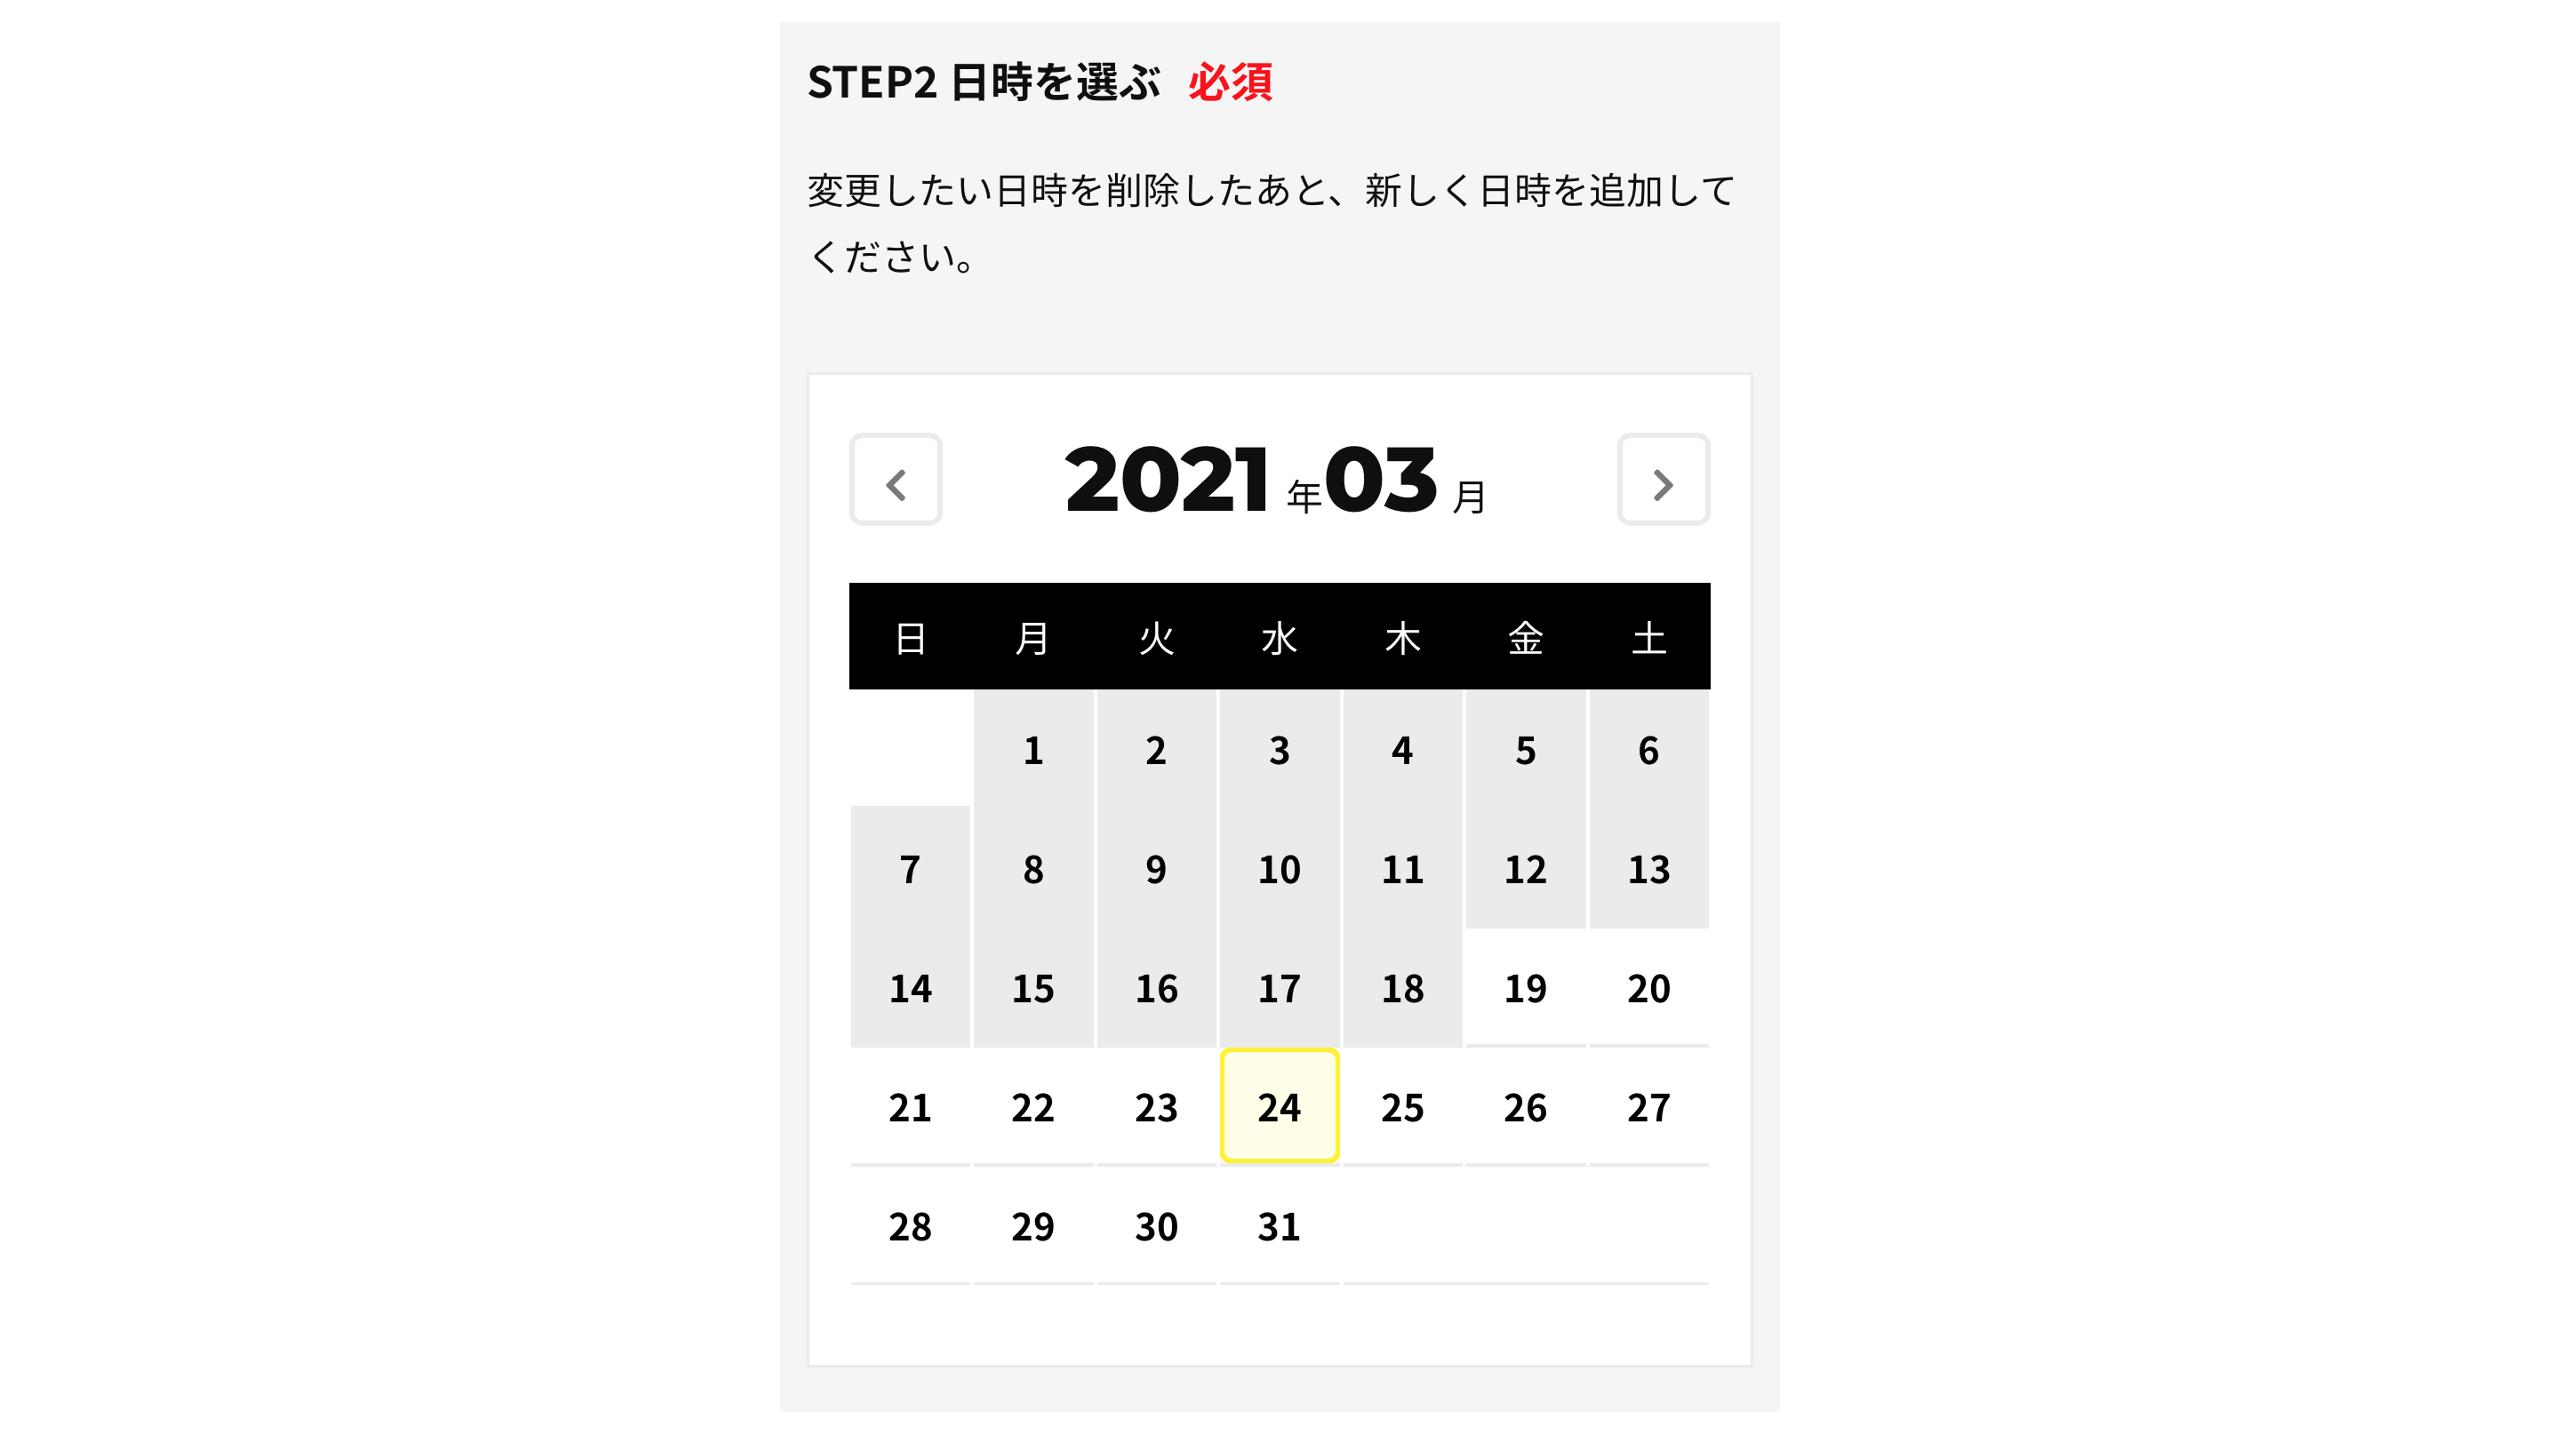 スクリーンショット 2021-03-19 15.52.28.png